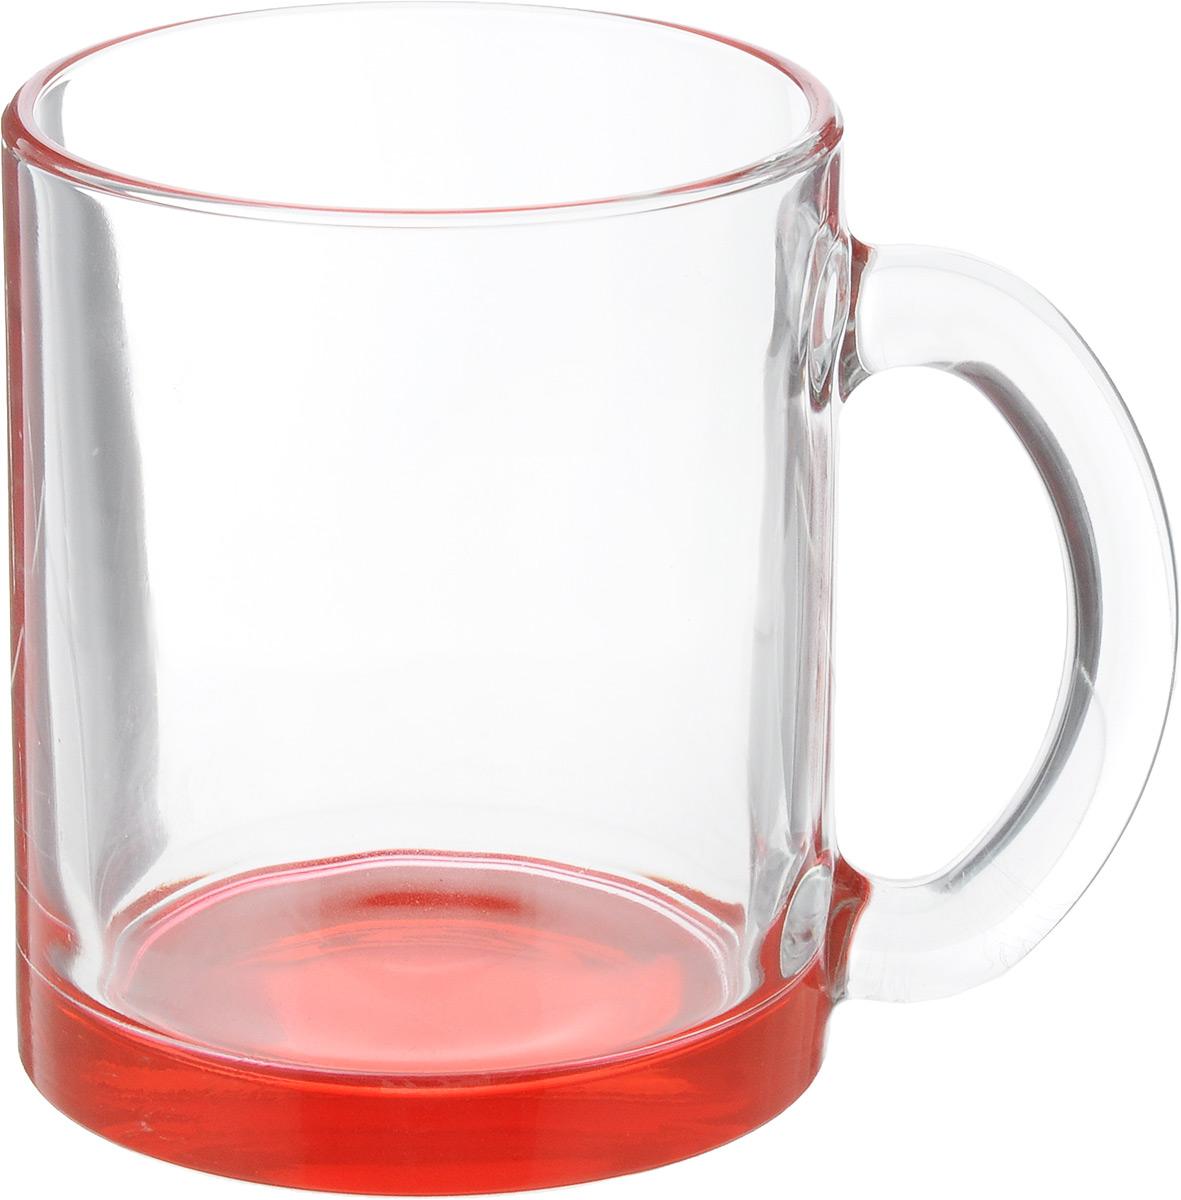 """Кружка OSZ """"Чайная"""" изготовлена из стекла двух цветов. Изделие идеально подходит для  сервировки стола.Кружка не только украсит ваш кухонный стол, но и подчеркнет прекрасный  вкус хозяйки. Диаметр кружки (по верхнему краю): 8 см. Высота кружки: 9,5 см.  Объем кружки: 320 мл."""